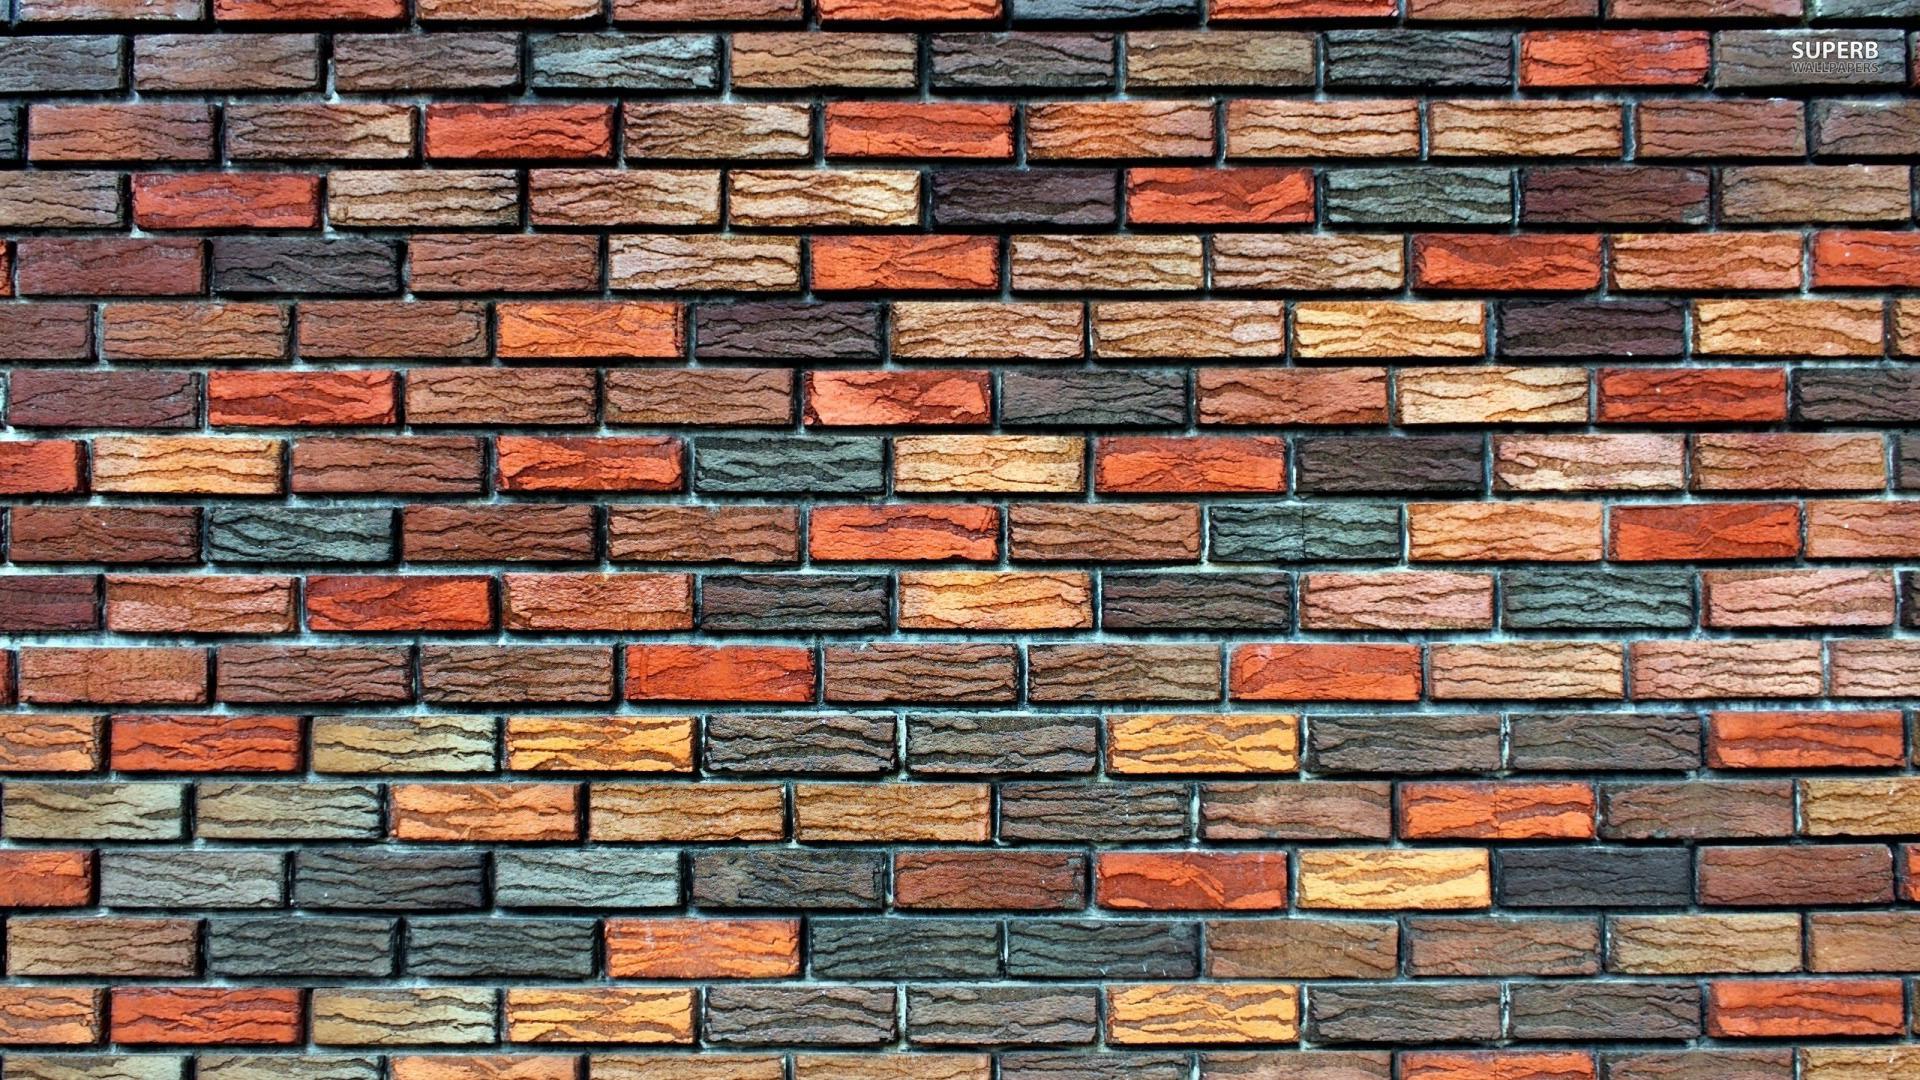 Brick wall wallpaper 1920x1080